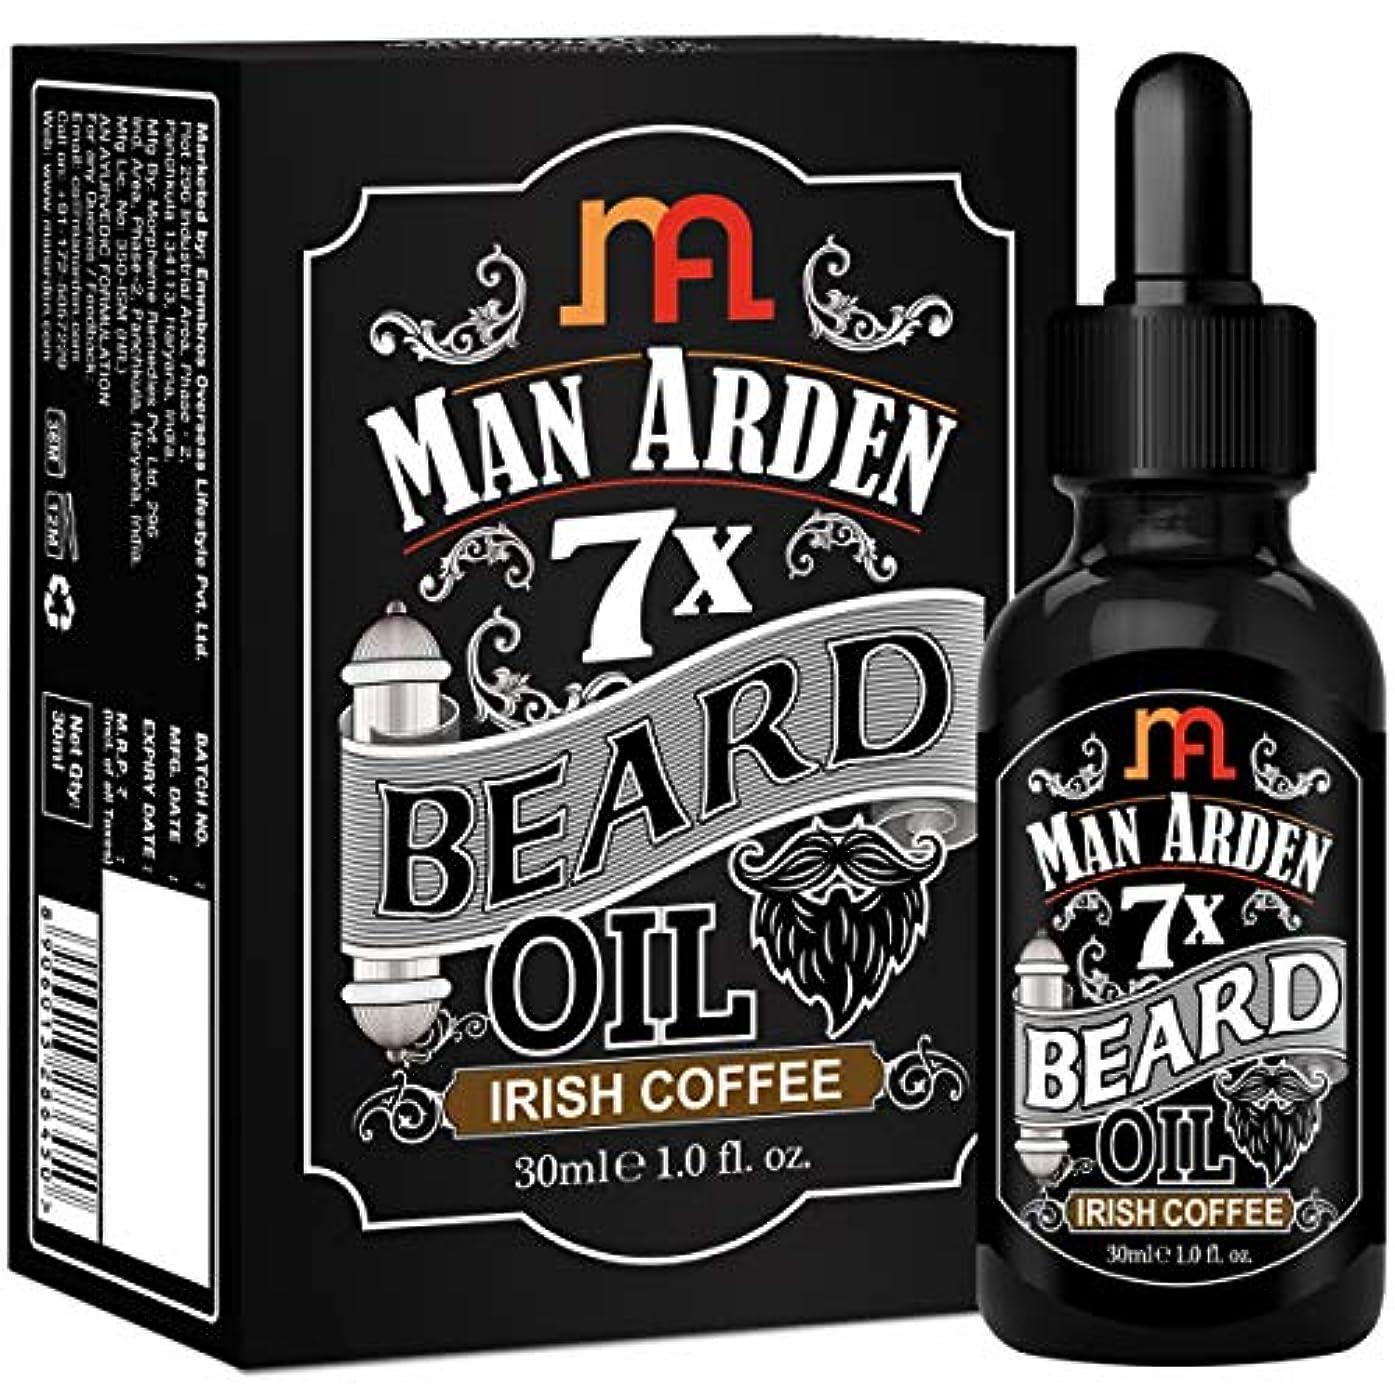 ブースレバーの面ではMan Arden 7X Beard Oil 30ml (Irish Coffee) - 7 Premium Oils For Beard Growth & Nourishment